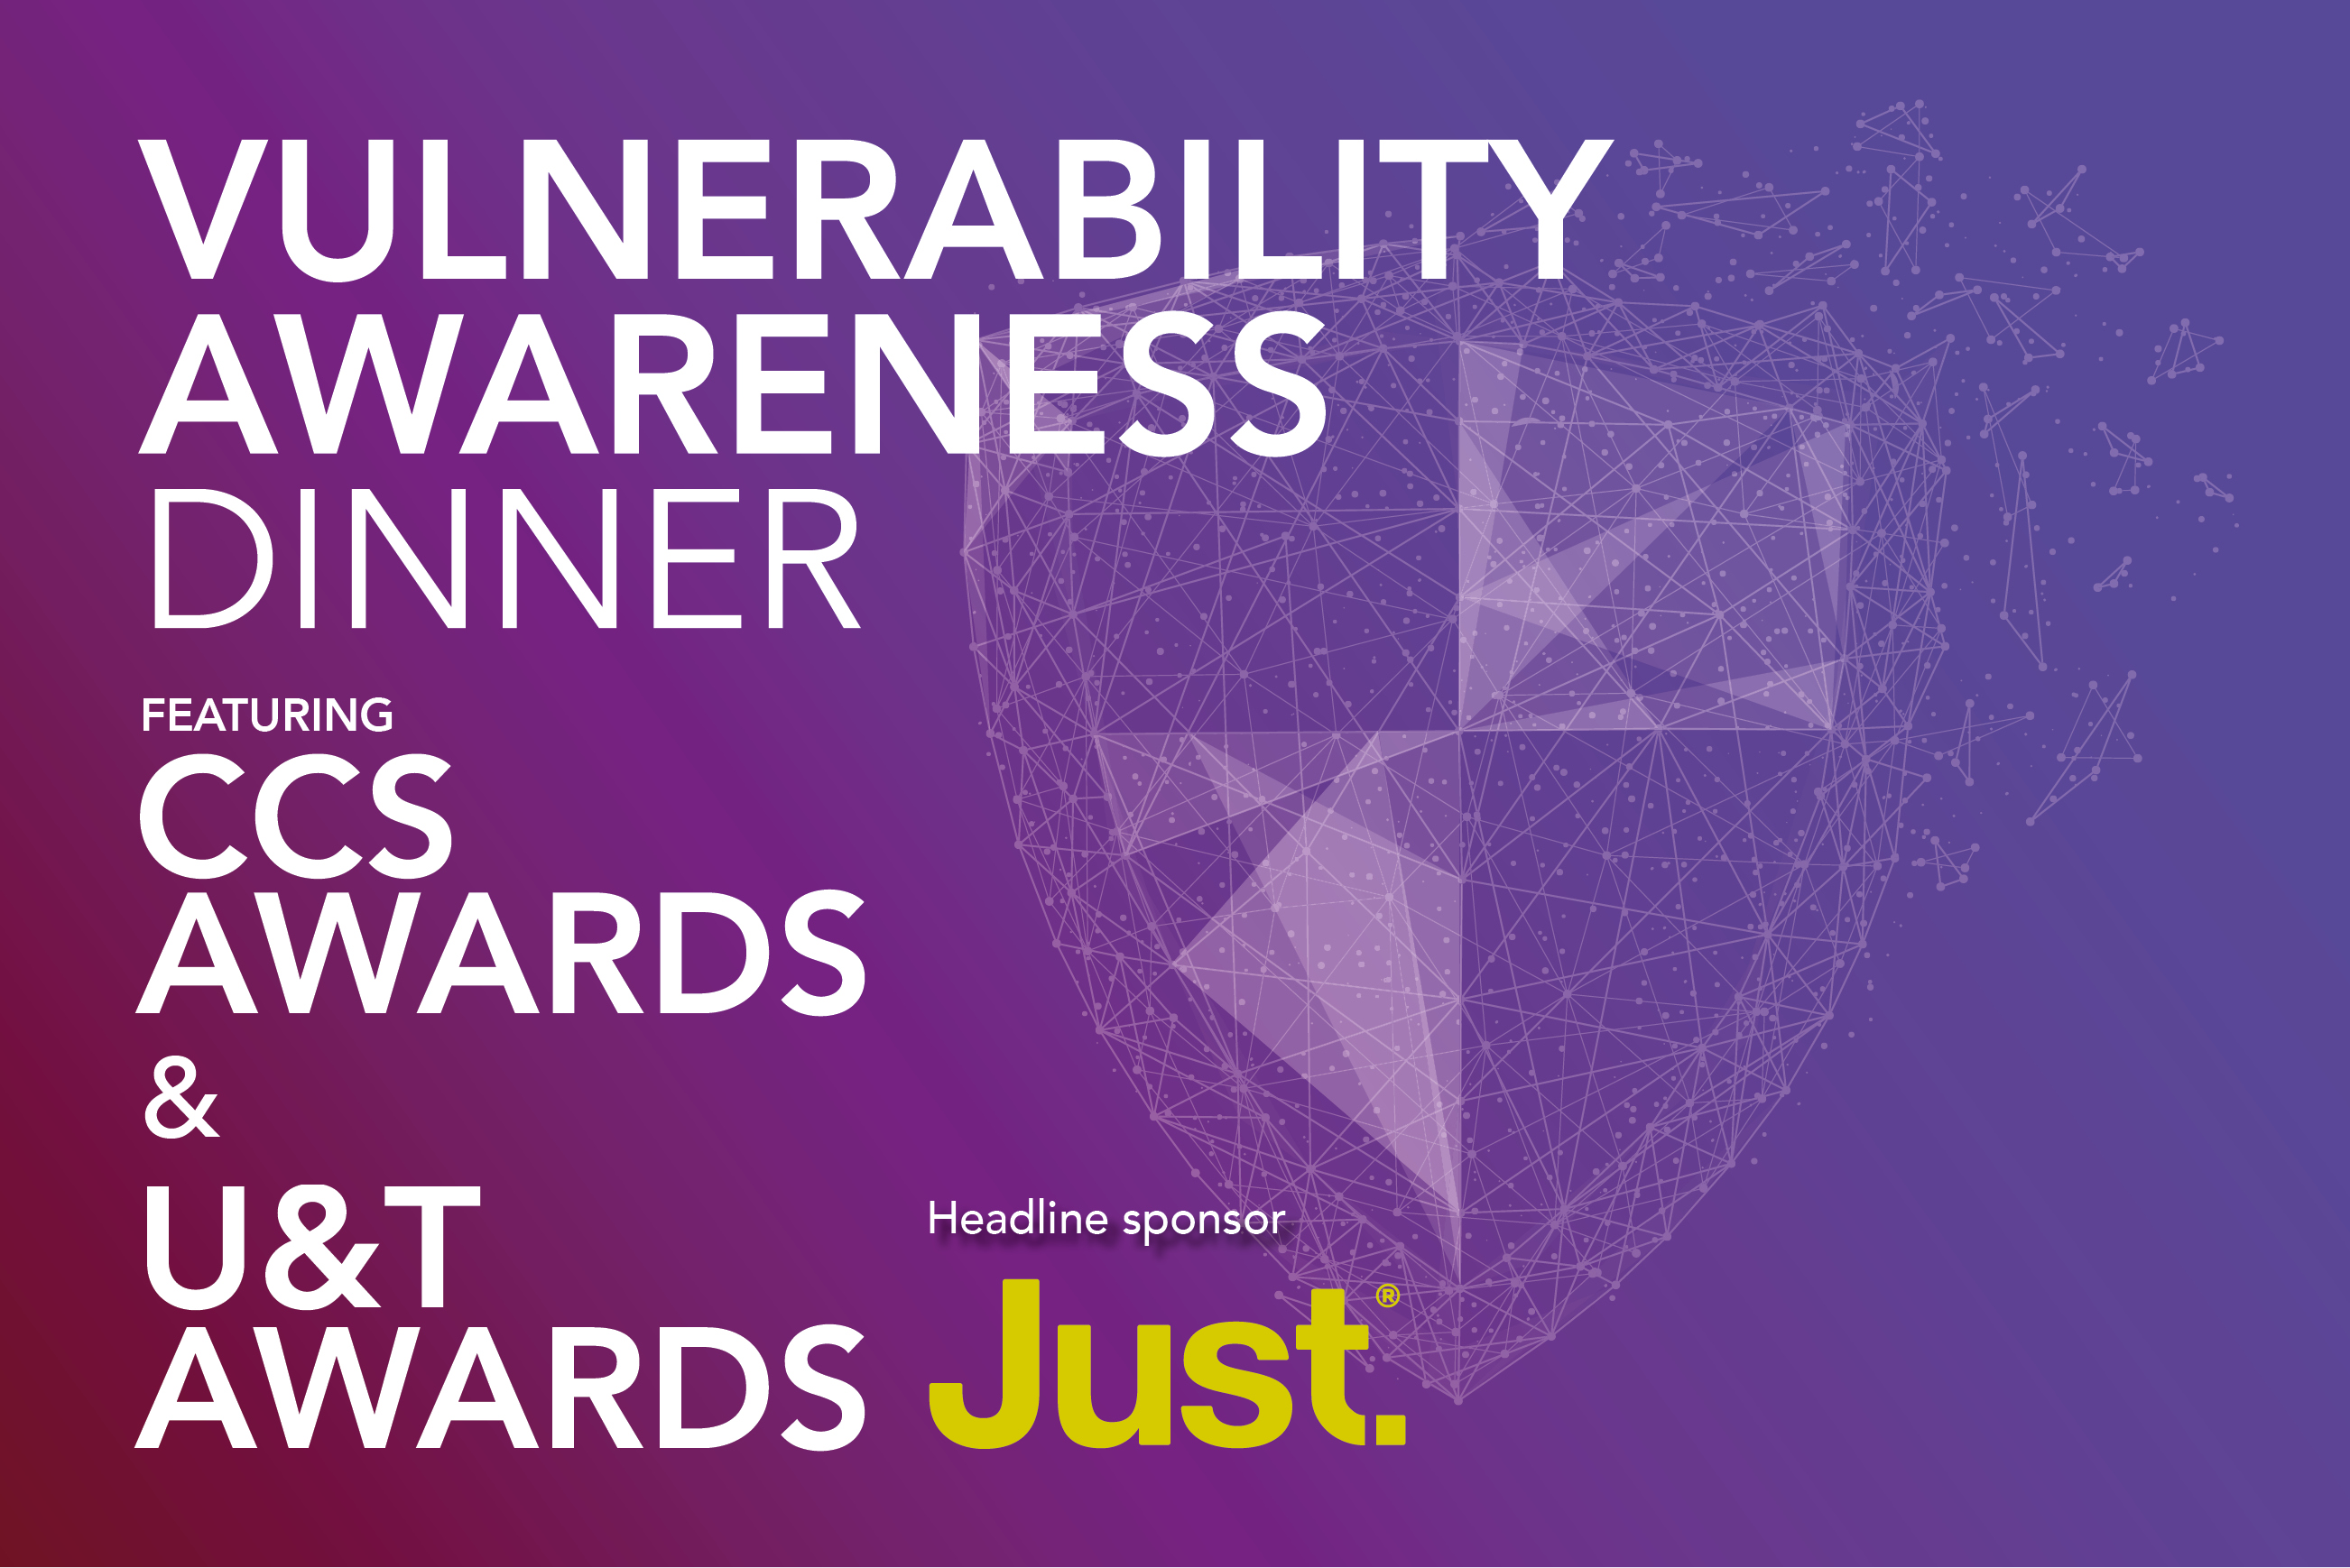 Vulnerability Awareness Dinner